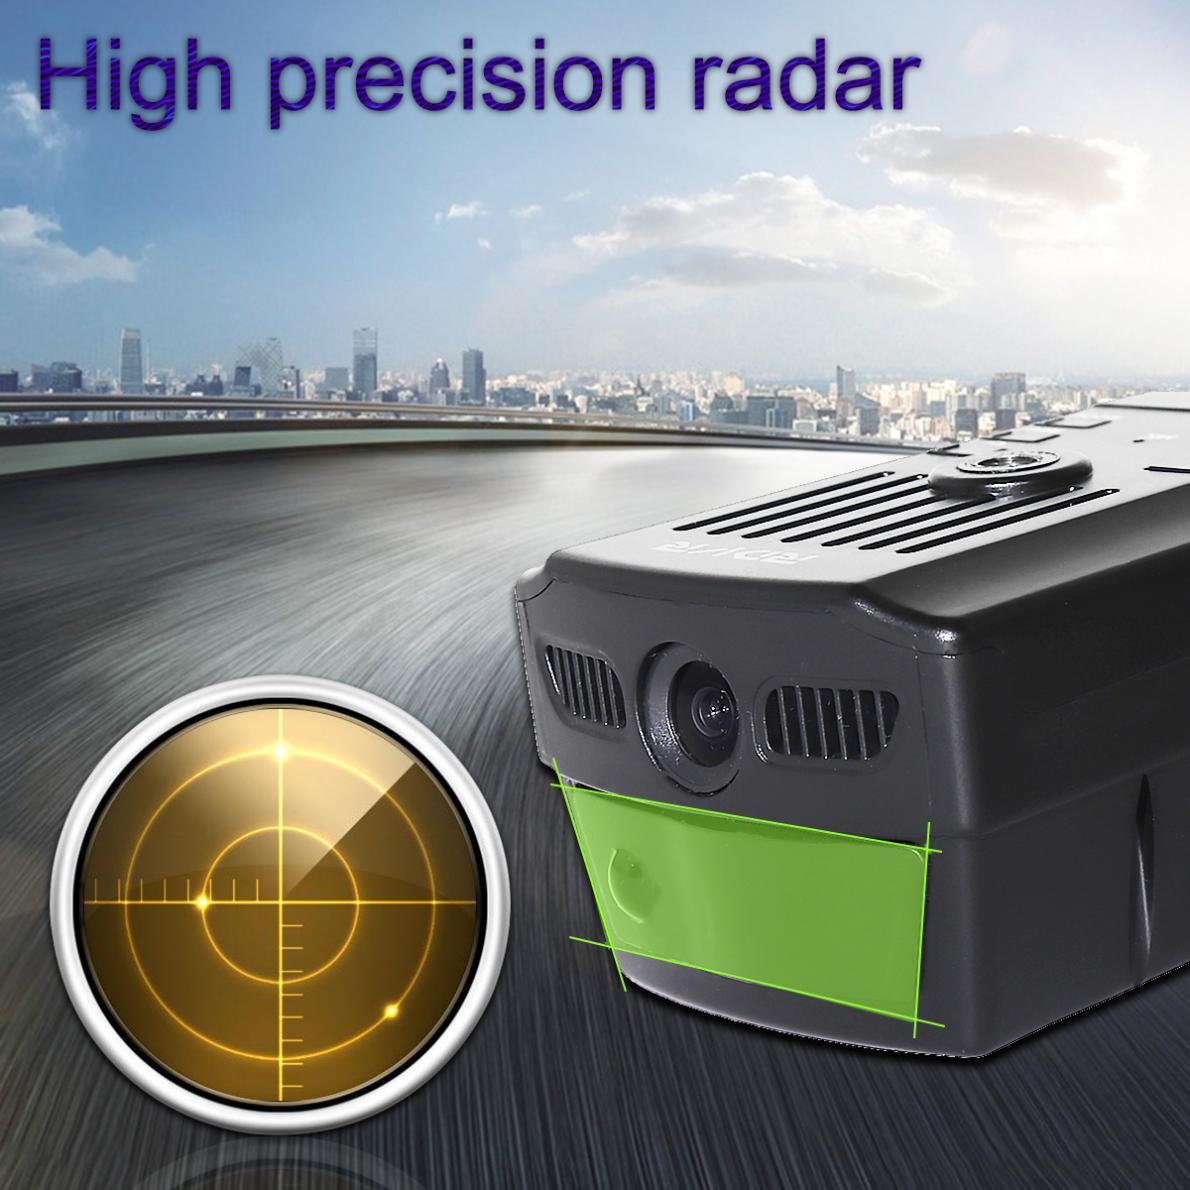 2,7 дюймов английский/русский голосовой Автомобильный видеорегистратор радар-детектор 720P HD видео камера Speedcam детектор скорости потока